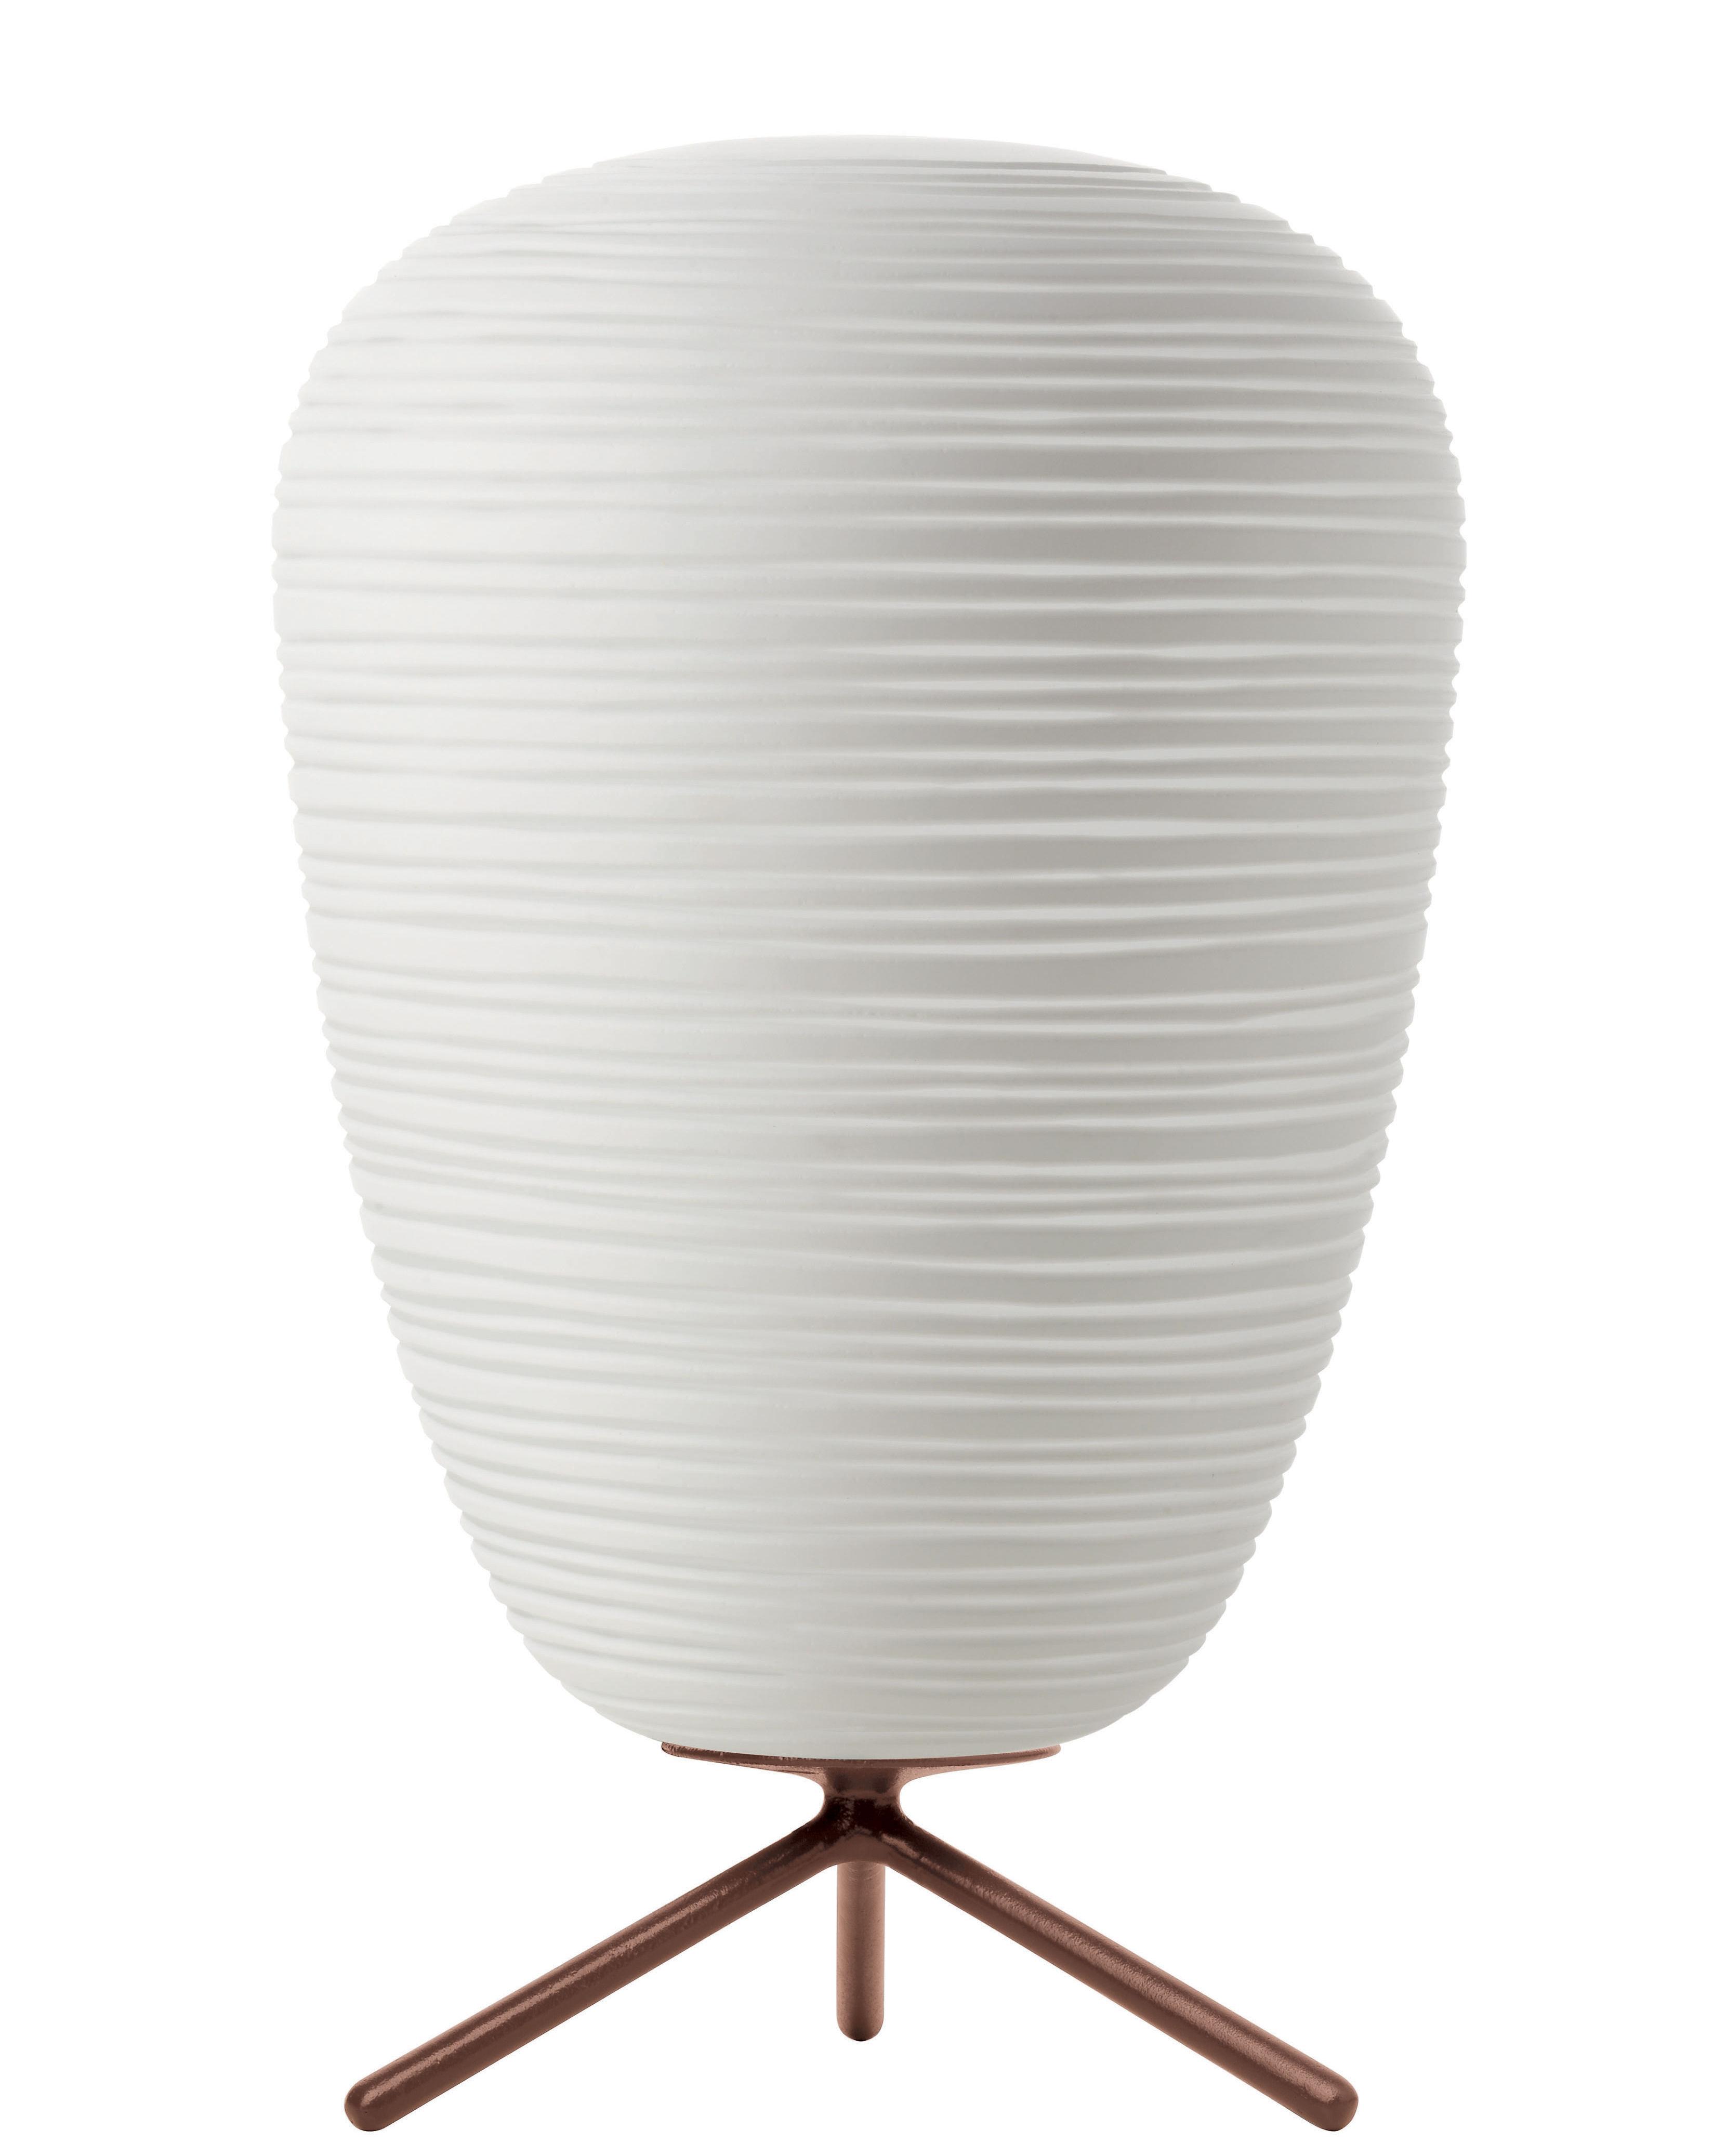 Luminaire - Lampes de table - Lampe de table Rituals 1 / Ø 24 x H 40 - Foscarini - Interrupteur / Blanc - Verre soufflé bouche